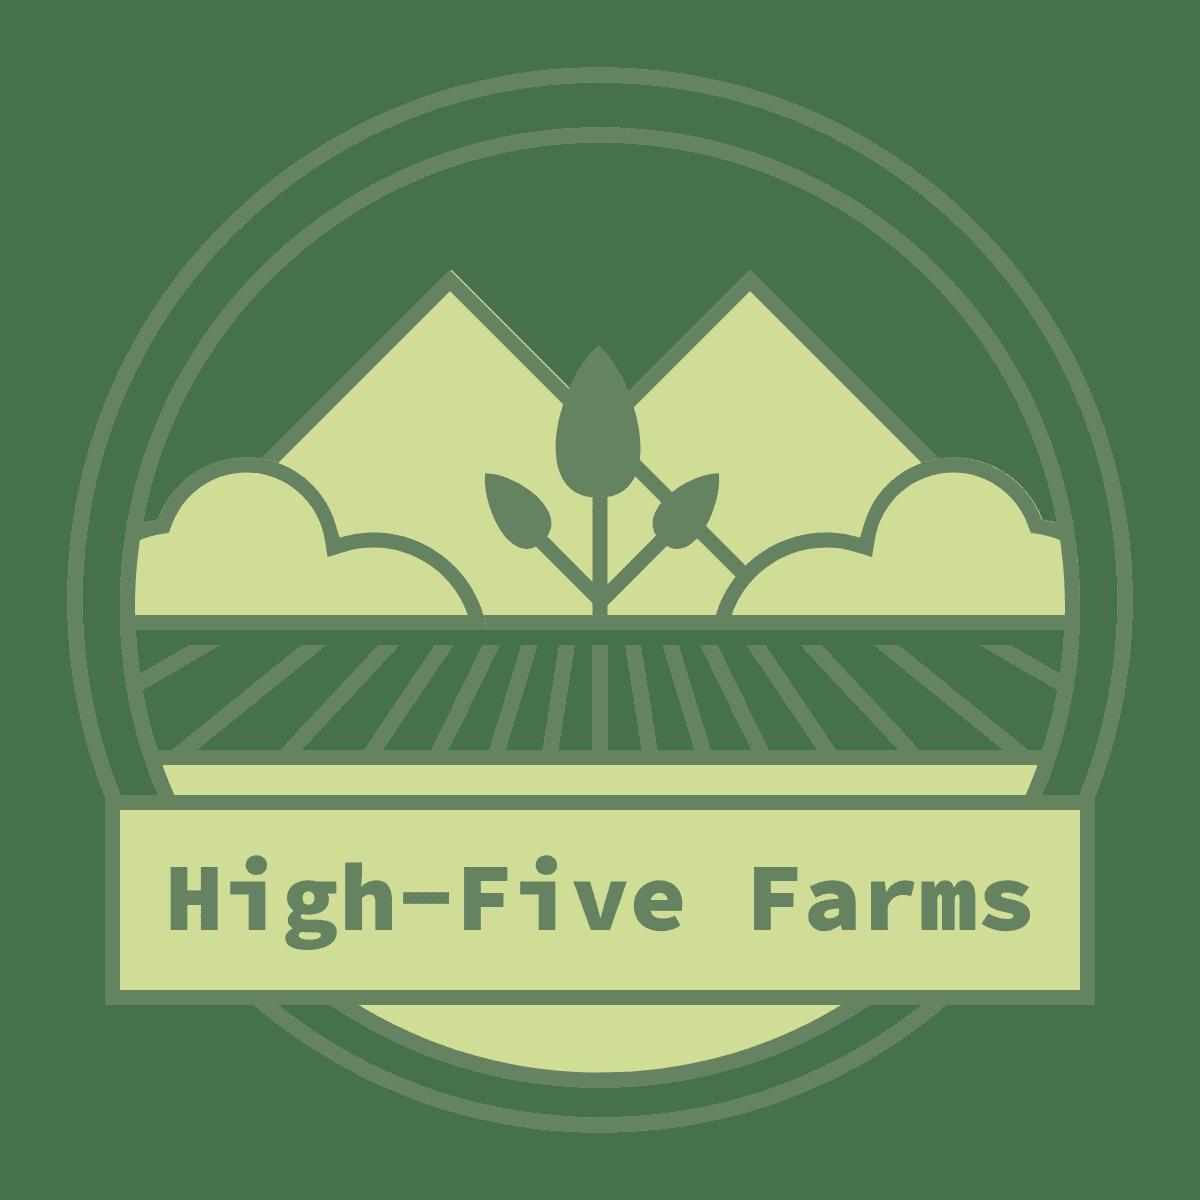 High-Five Farms